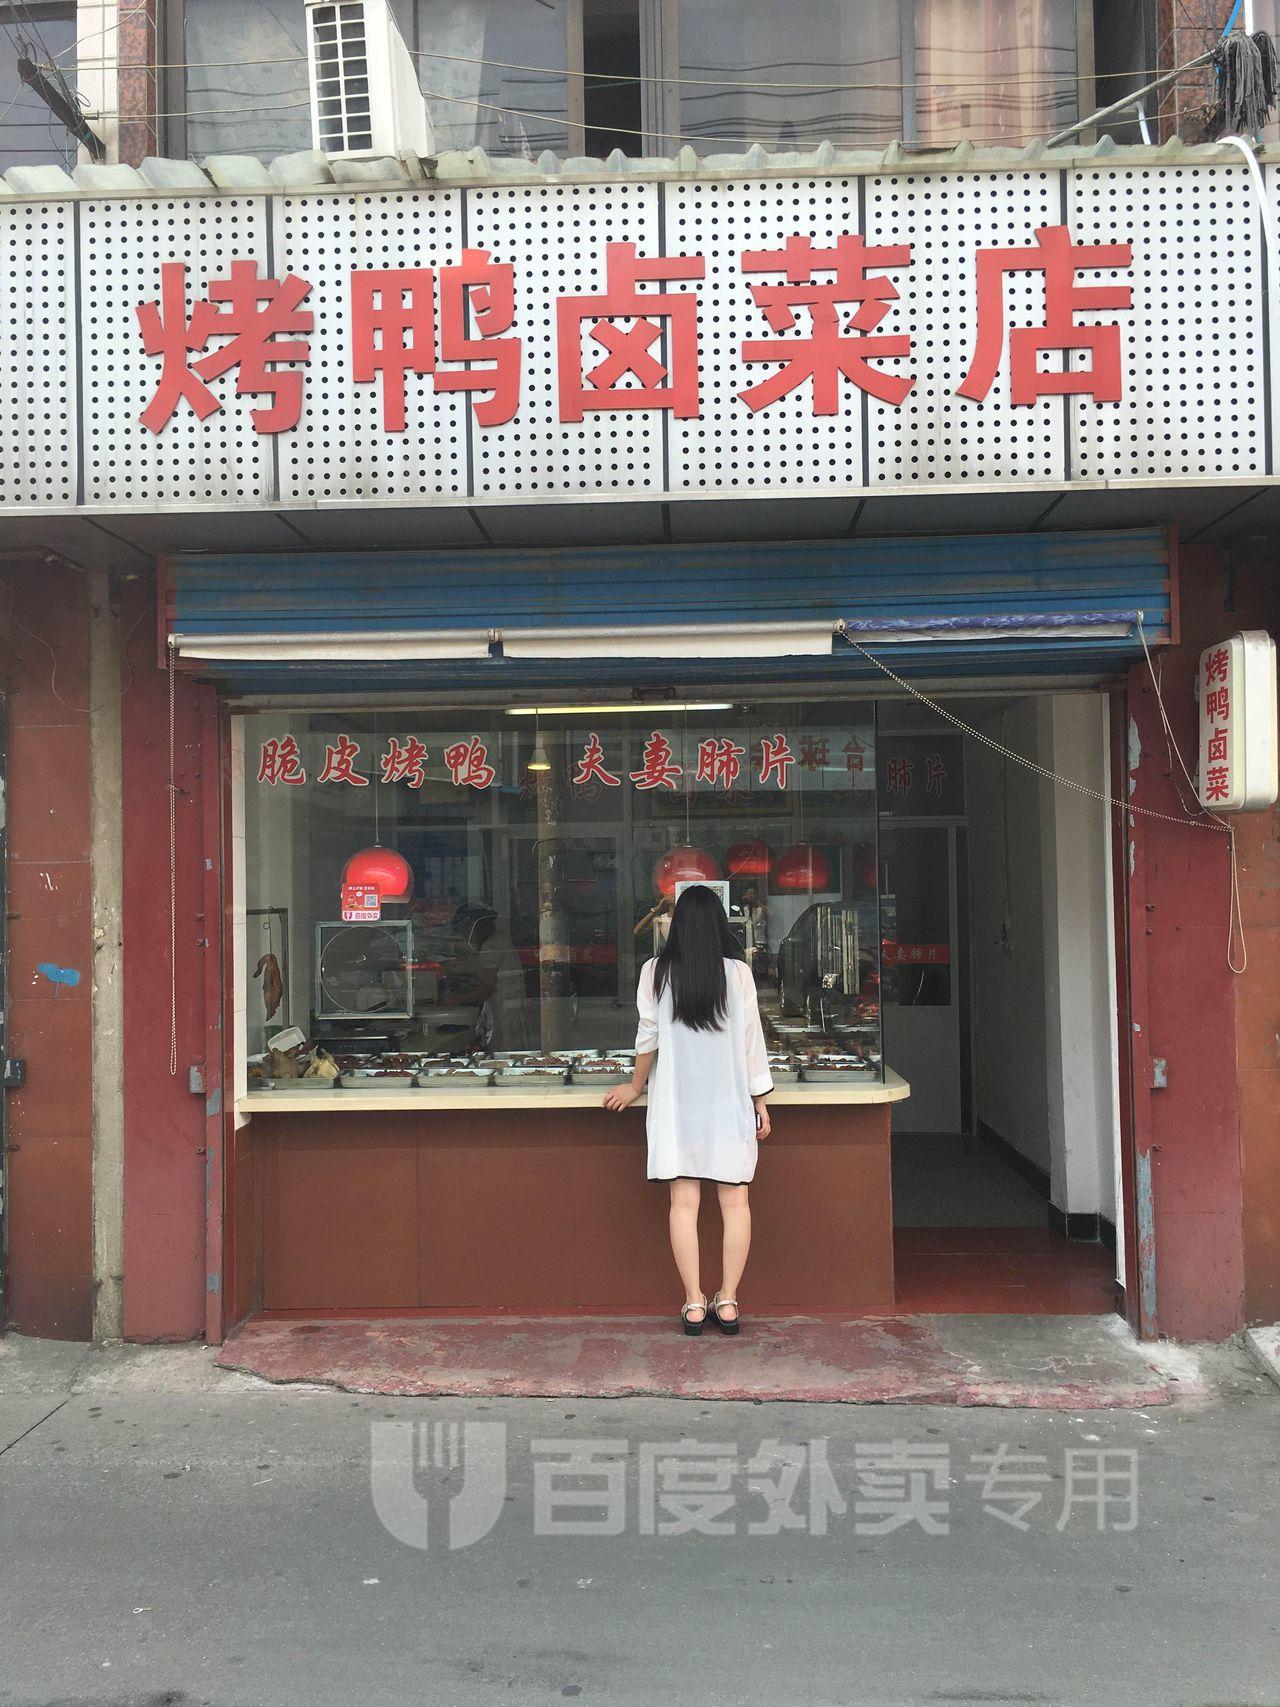 烤鸭卤菜店(花园街店)